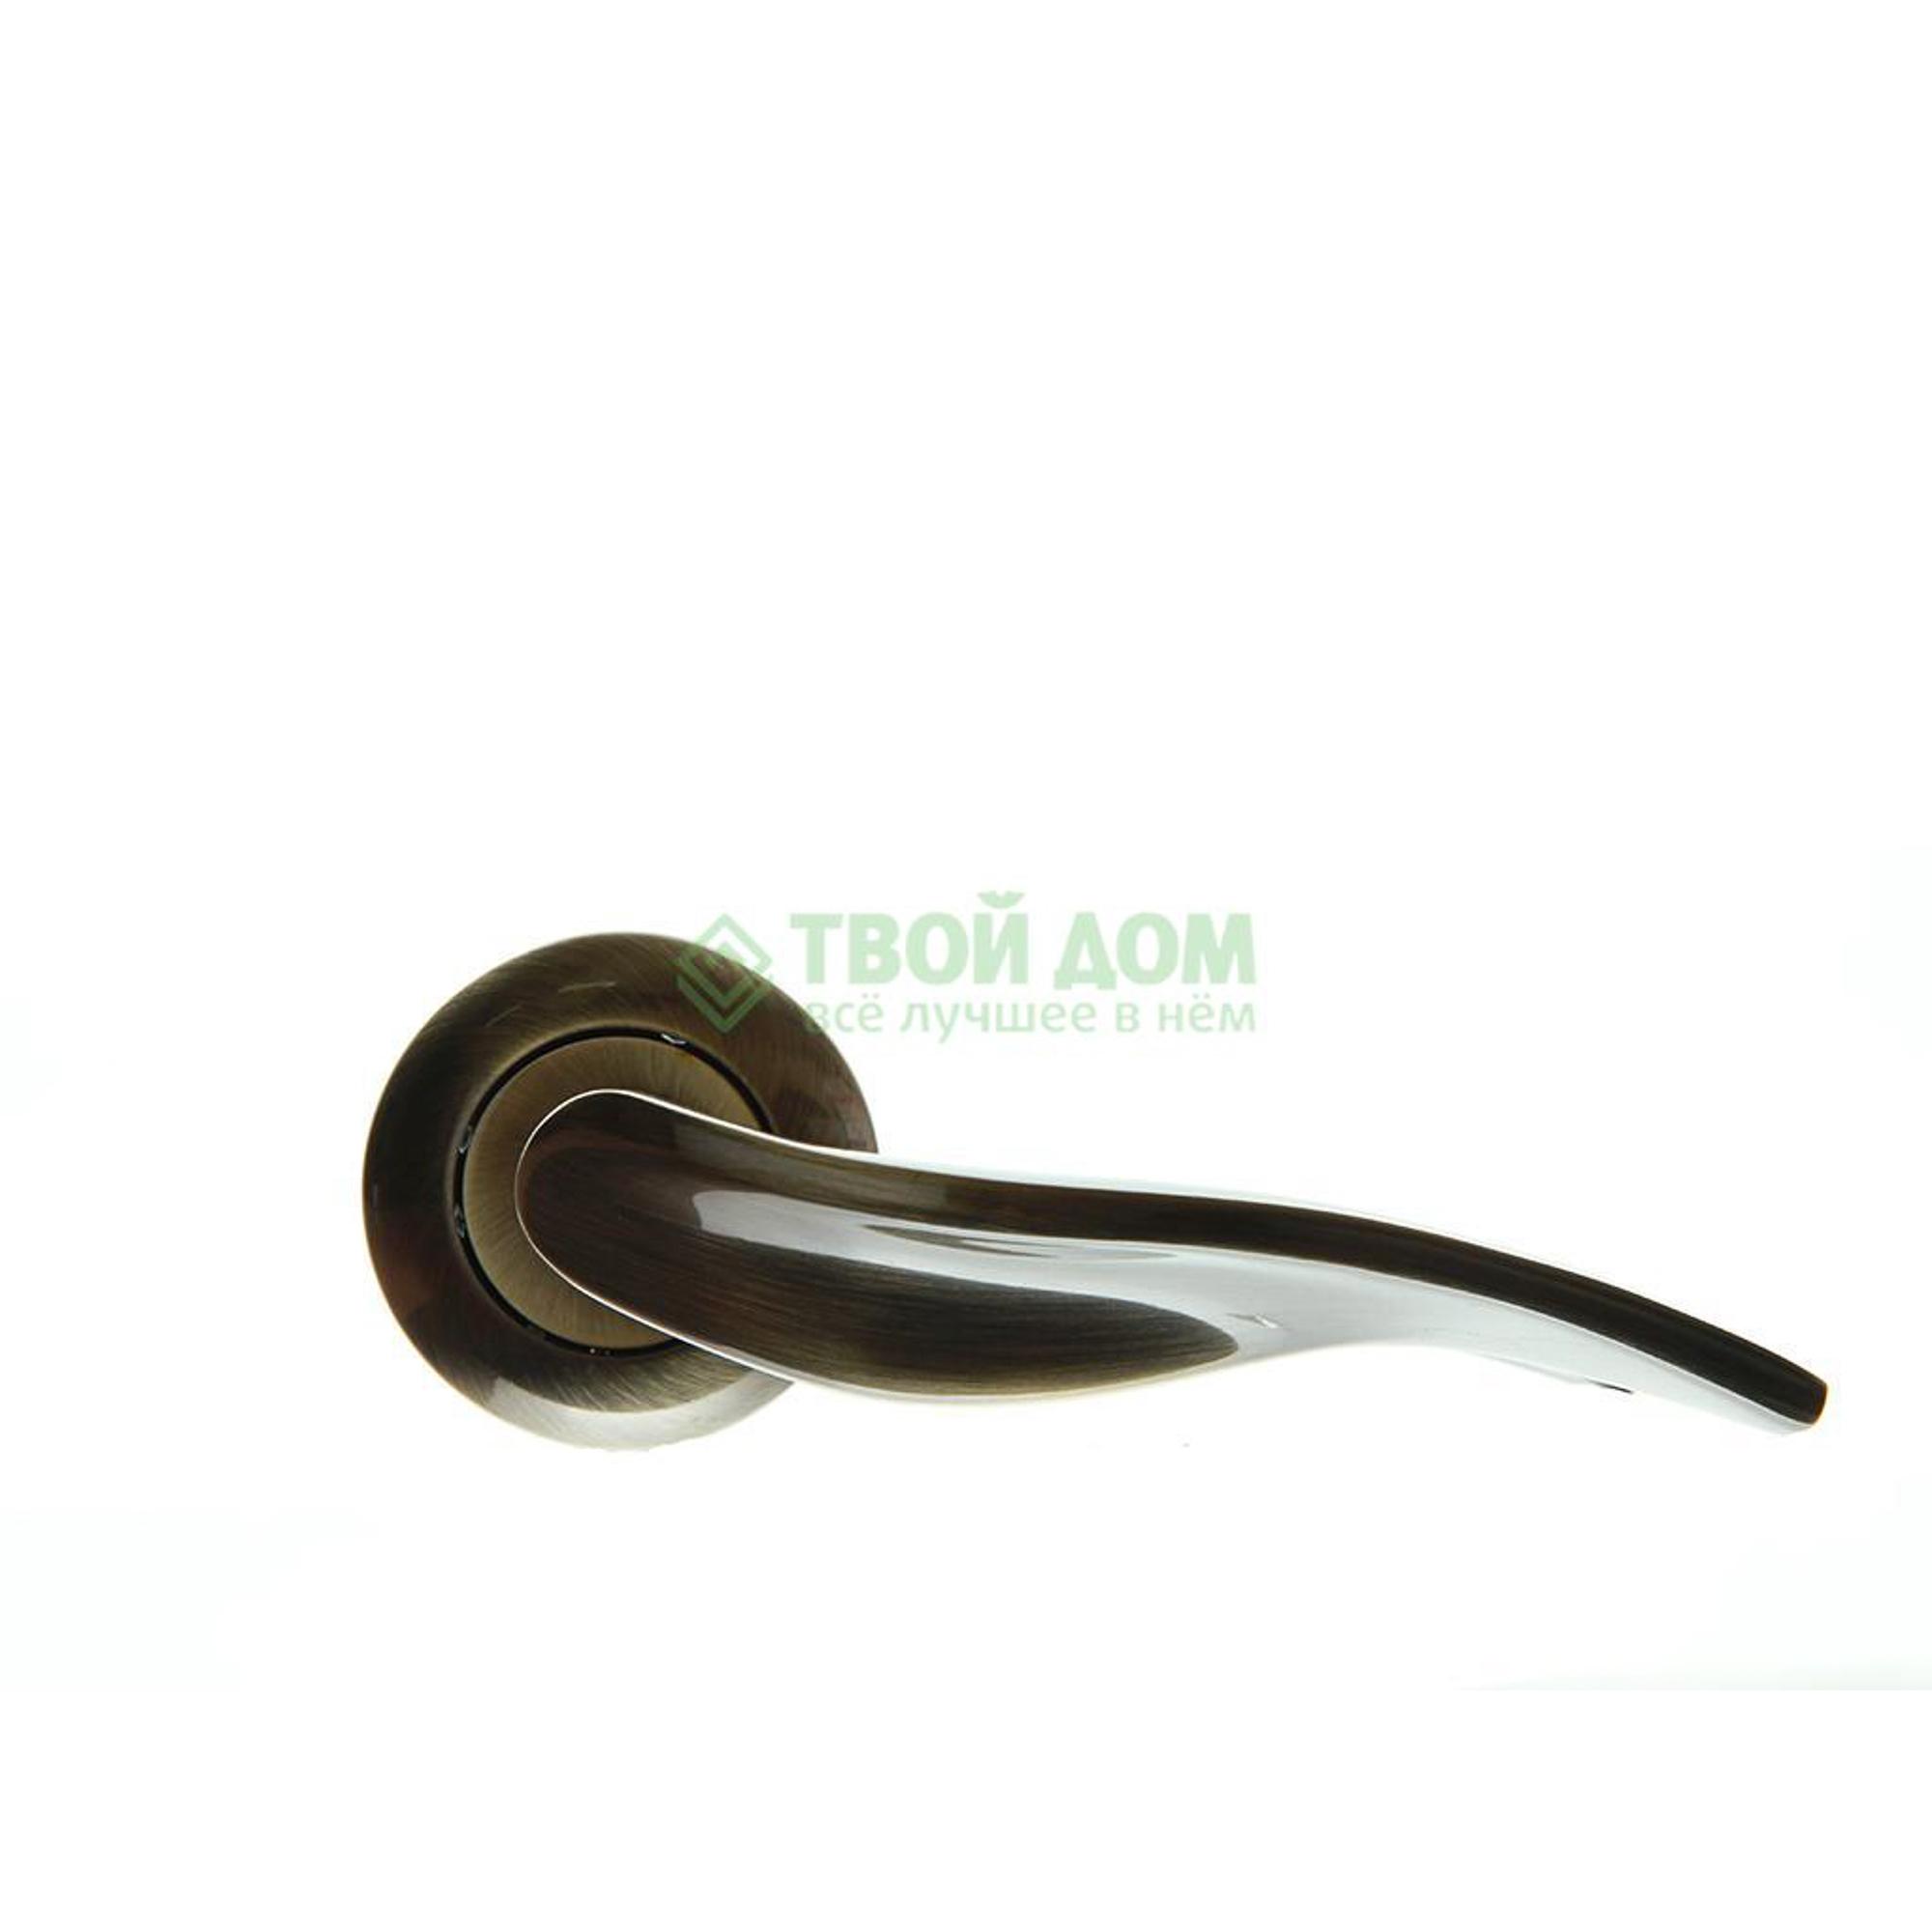 Купить со скидкой Ручка Corsarre раздельная (RH-01-039-AB)